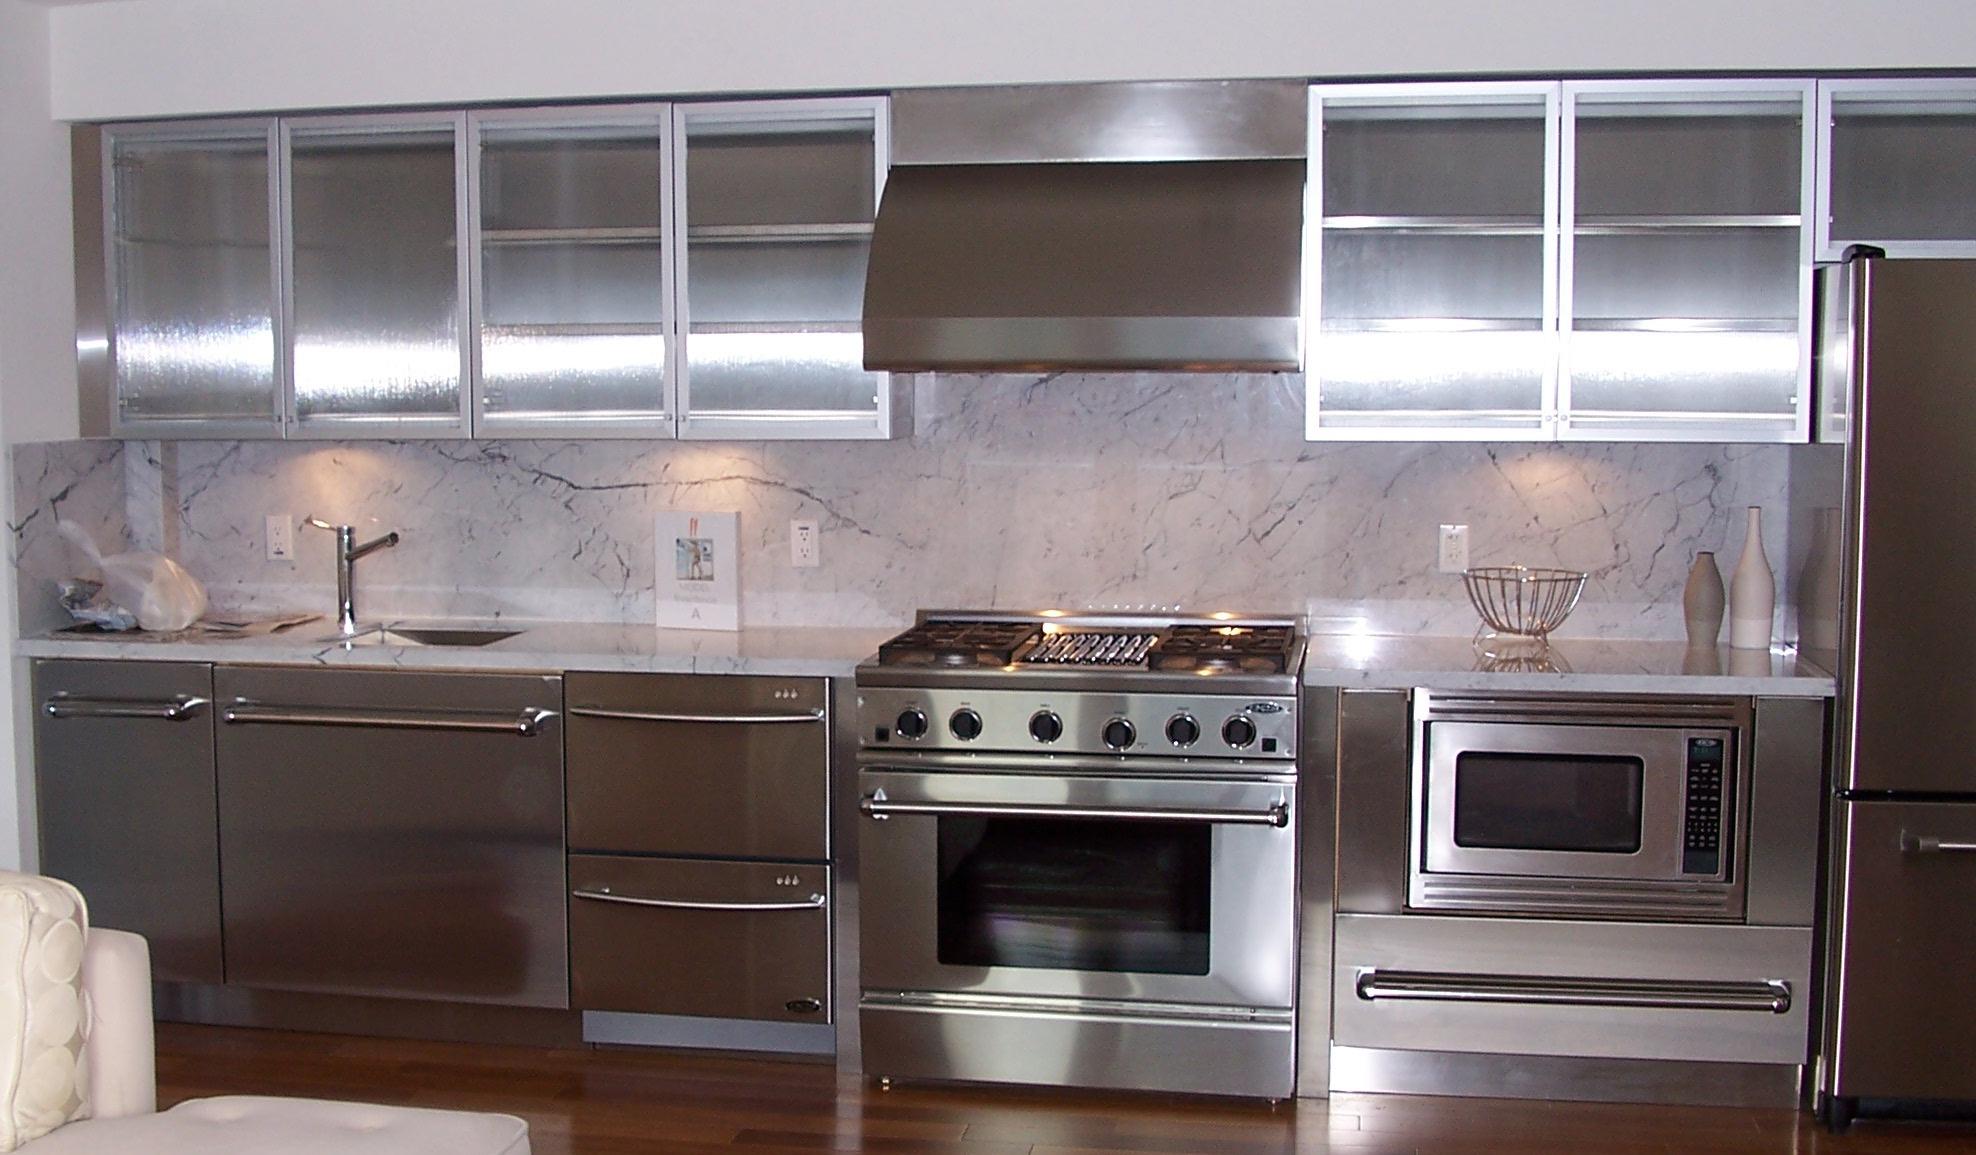 Best Kitchen Gallery: Stainless Steel Kitchen Cabi S Steelkitchen of Metal Cabinets Kitchen on rachelxblog.com